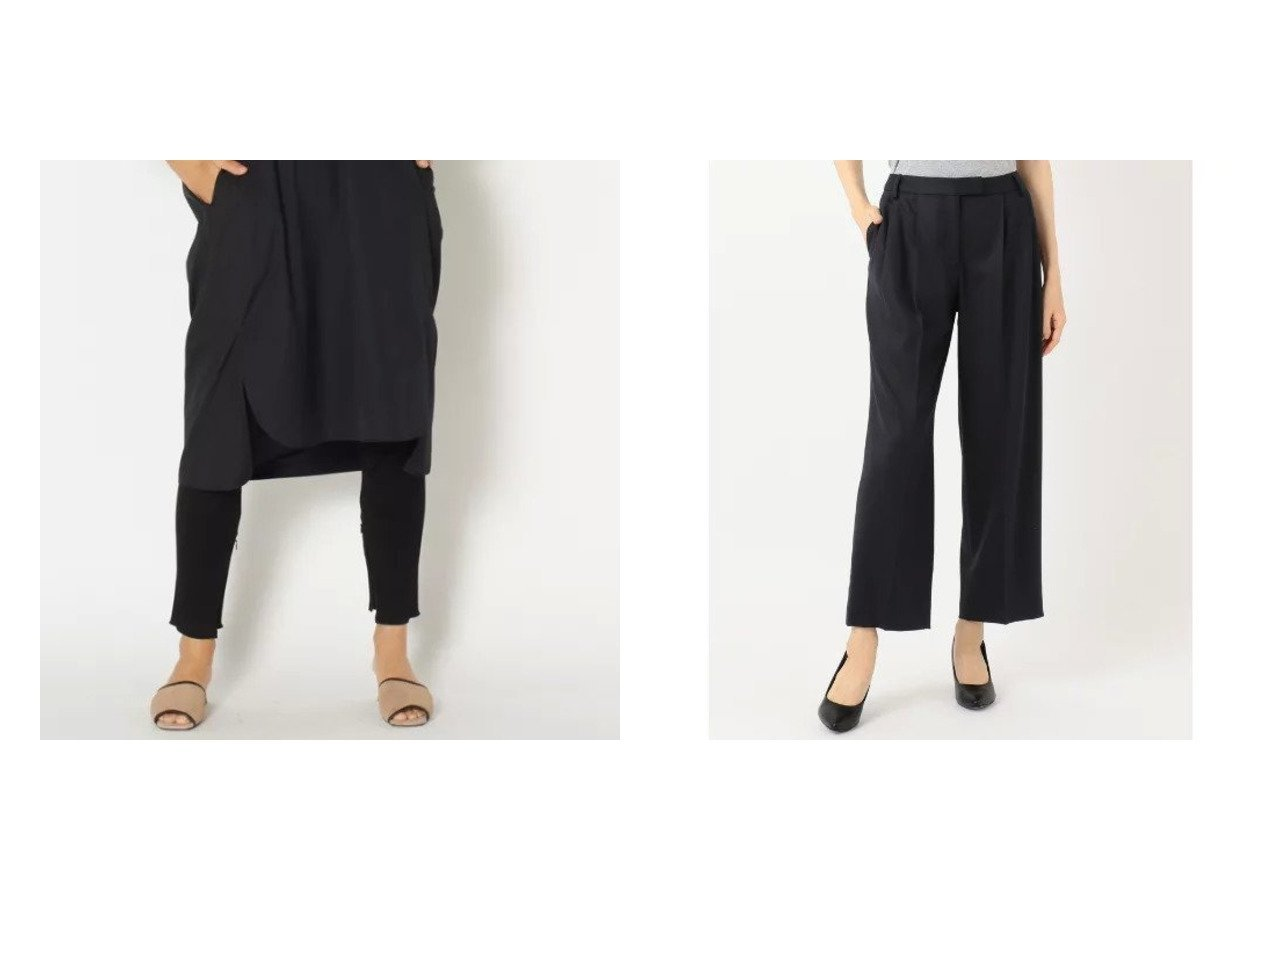 【TICCA/ティッカ】のレギンス&【JIYU-KU/自由区】の【Class Lounge】2WAY SAXONY パンツ パンツのおすすめ!人気トレンド・レディースファッションの通販 おすすめで人気のファッション通販商品 インテリア・家具・キッズファッション・メンズファッション・レディースファッション・服の通販 founy(ファニー) https://founy.com/ ファッション Fashion レディース WOMEN パンツ Pants レギンス Leggings レッグウェア Legwear アンダー シルケット タンク テレコ レギンス コレクション 軽量 シンプル ストレッチ フォルム ワイド A/W 秋冬 Autumn &  Winter |ID:crp329100000006302